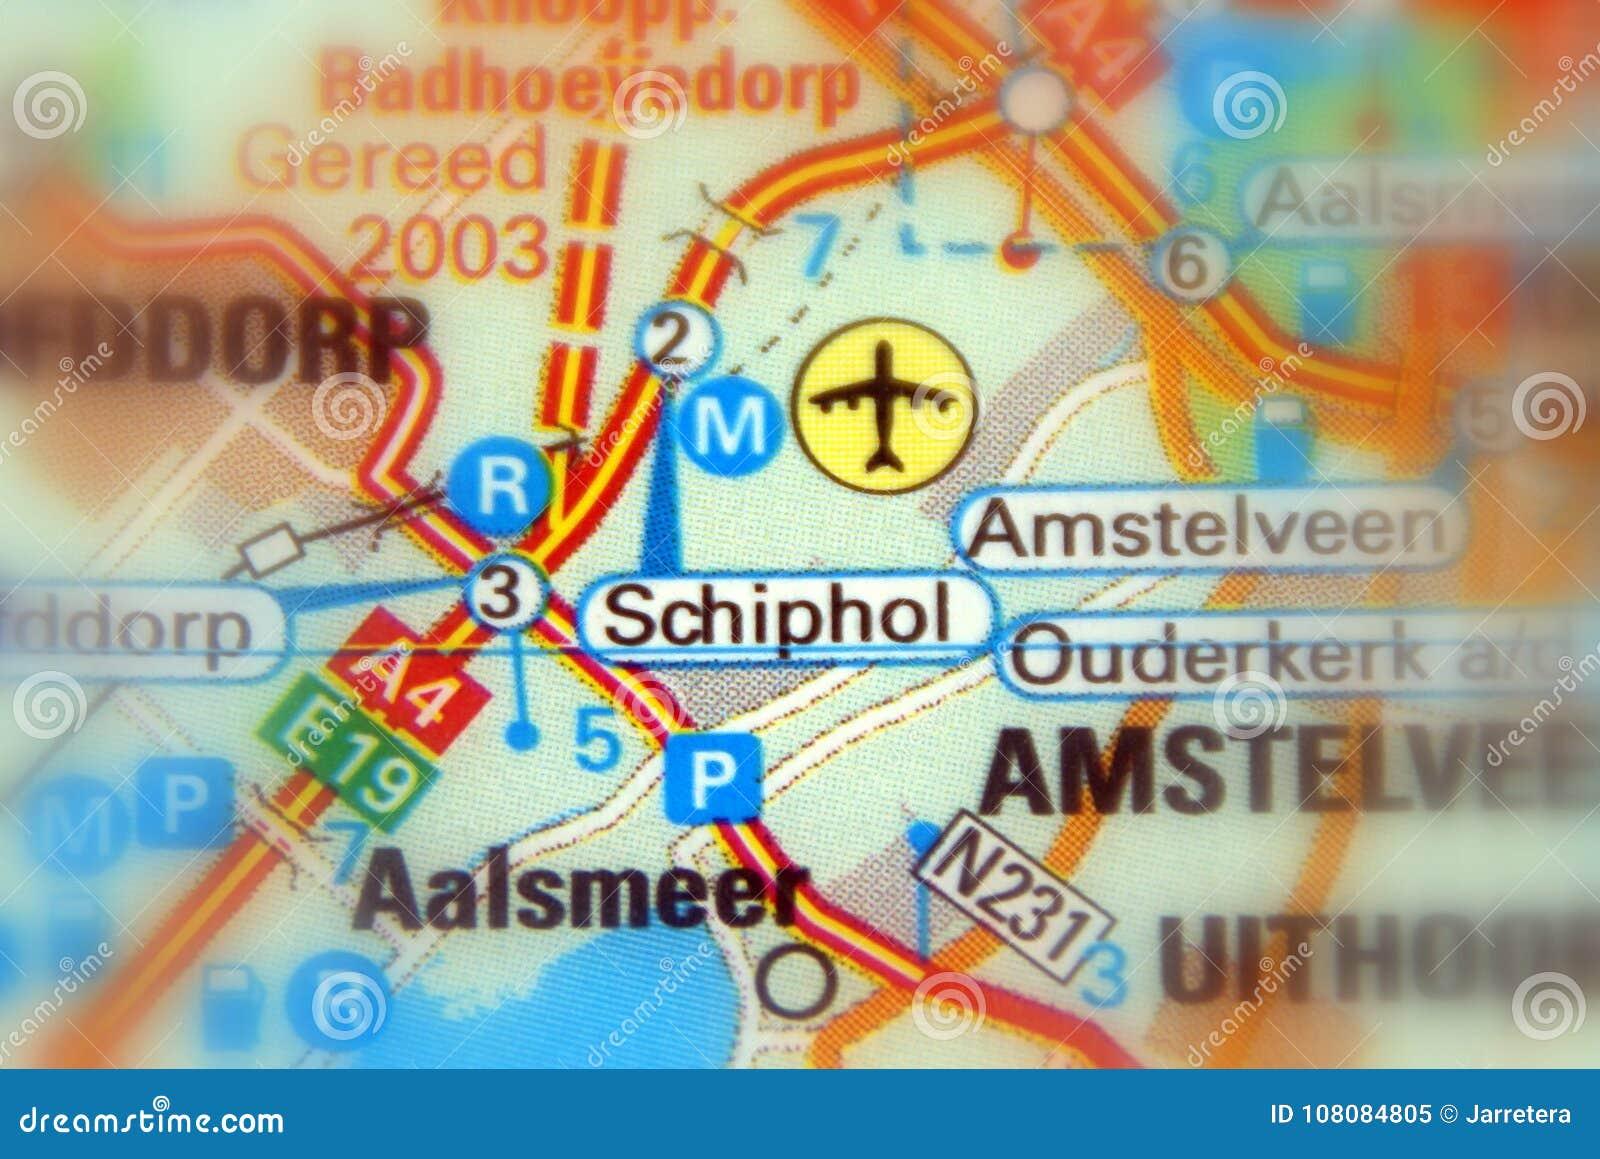 Schiphol Amsterdam flygplats Schiphol - Nederländerna Europa